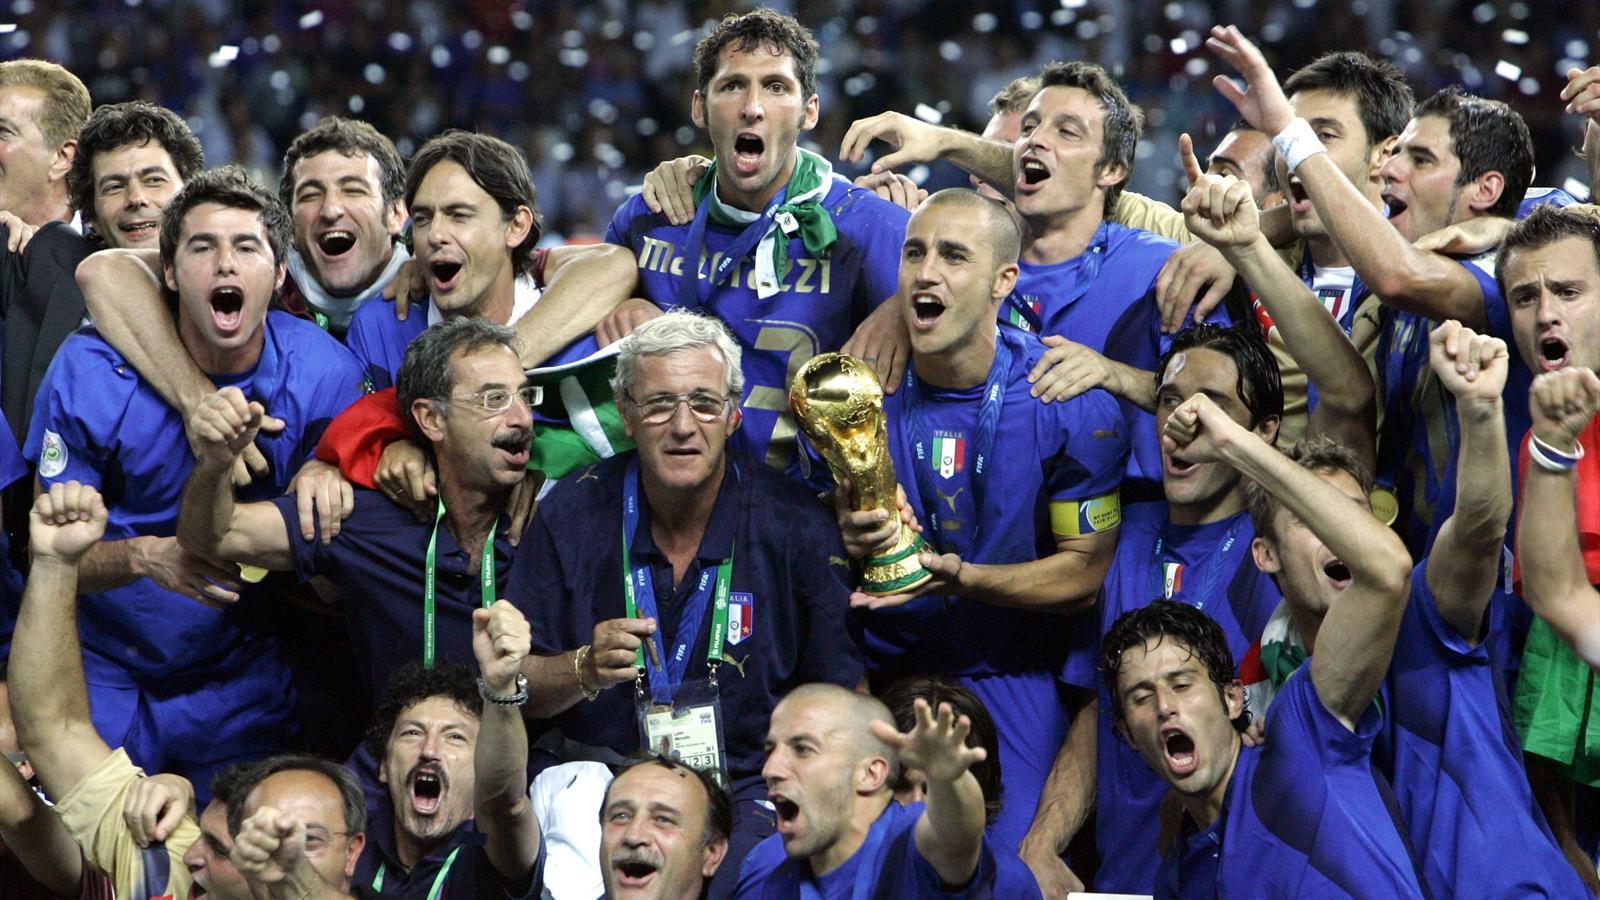 Coupe du monde 2006 la r tro victoire de l 39 italie en allemagne coupe du monde 2014 - Coupe du monde de football 2006 ...